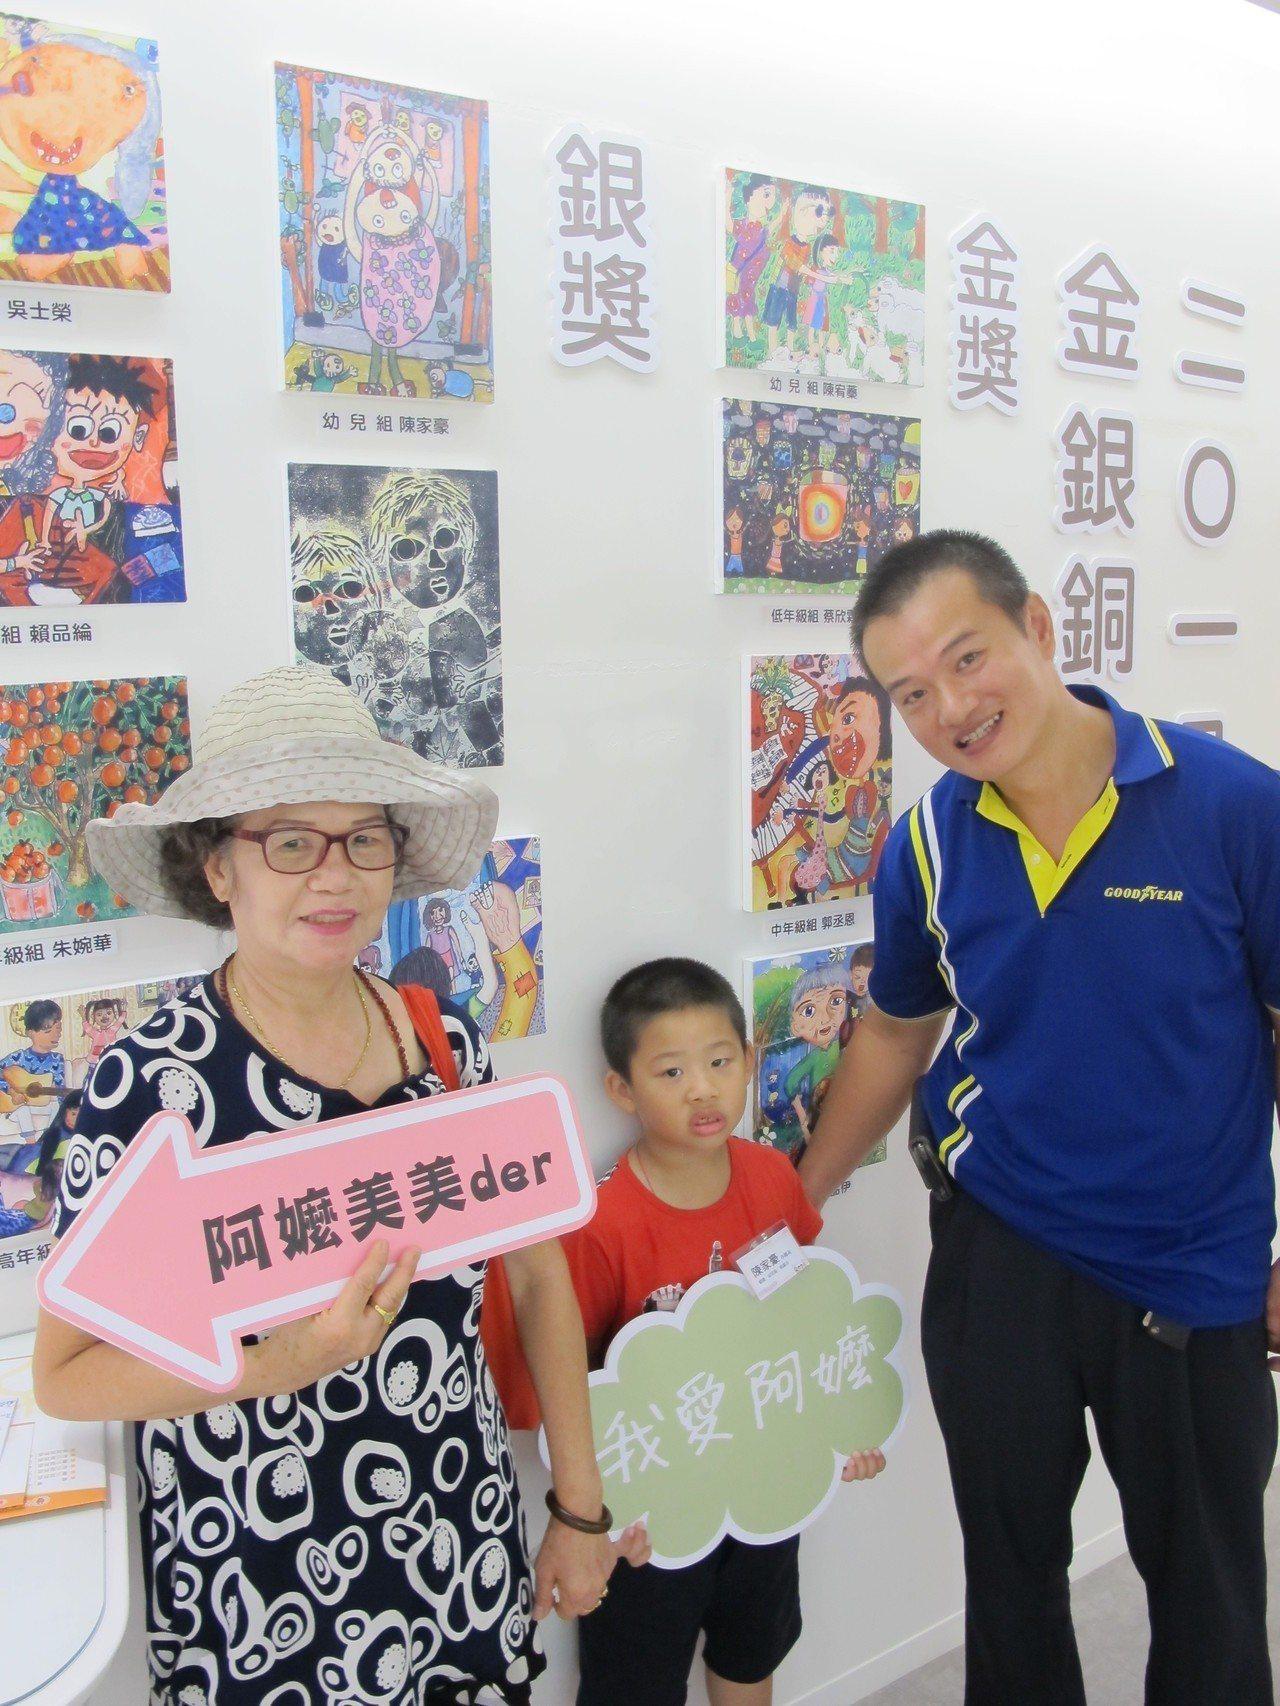 弘道基金會希望藉由展覽鼓勵更多人重視祖孫互動,共同攜手打造愛老、敬老的孝親風氣。...